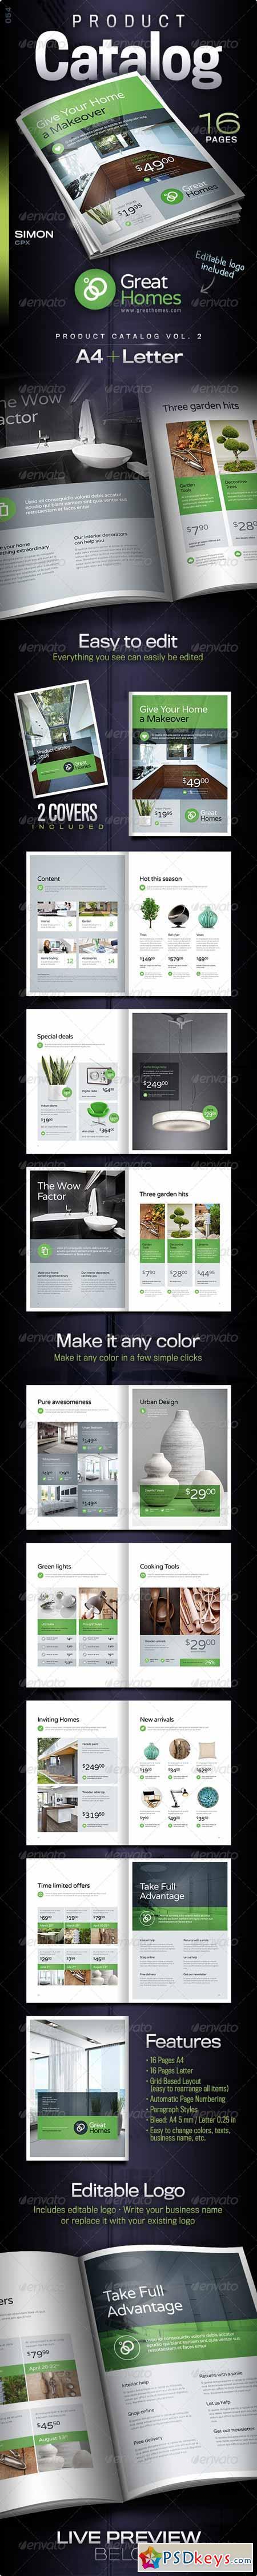 Product Catalog Vol. 2 7066026